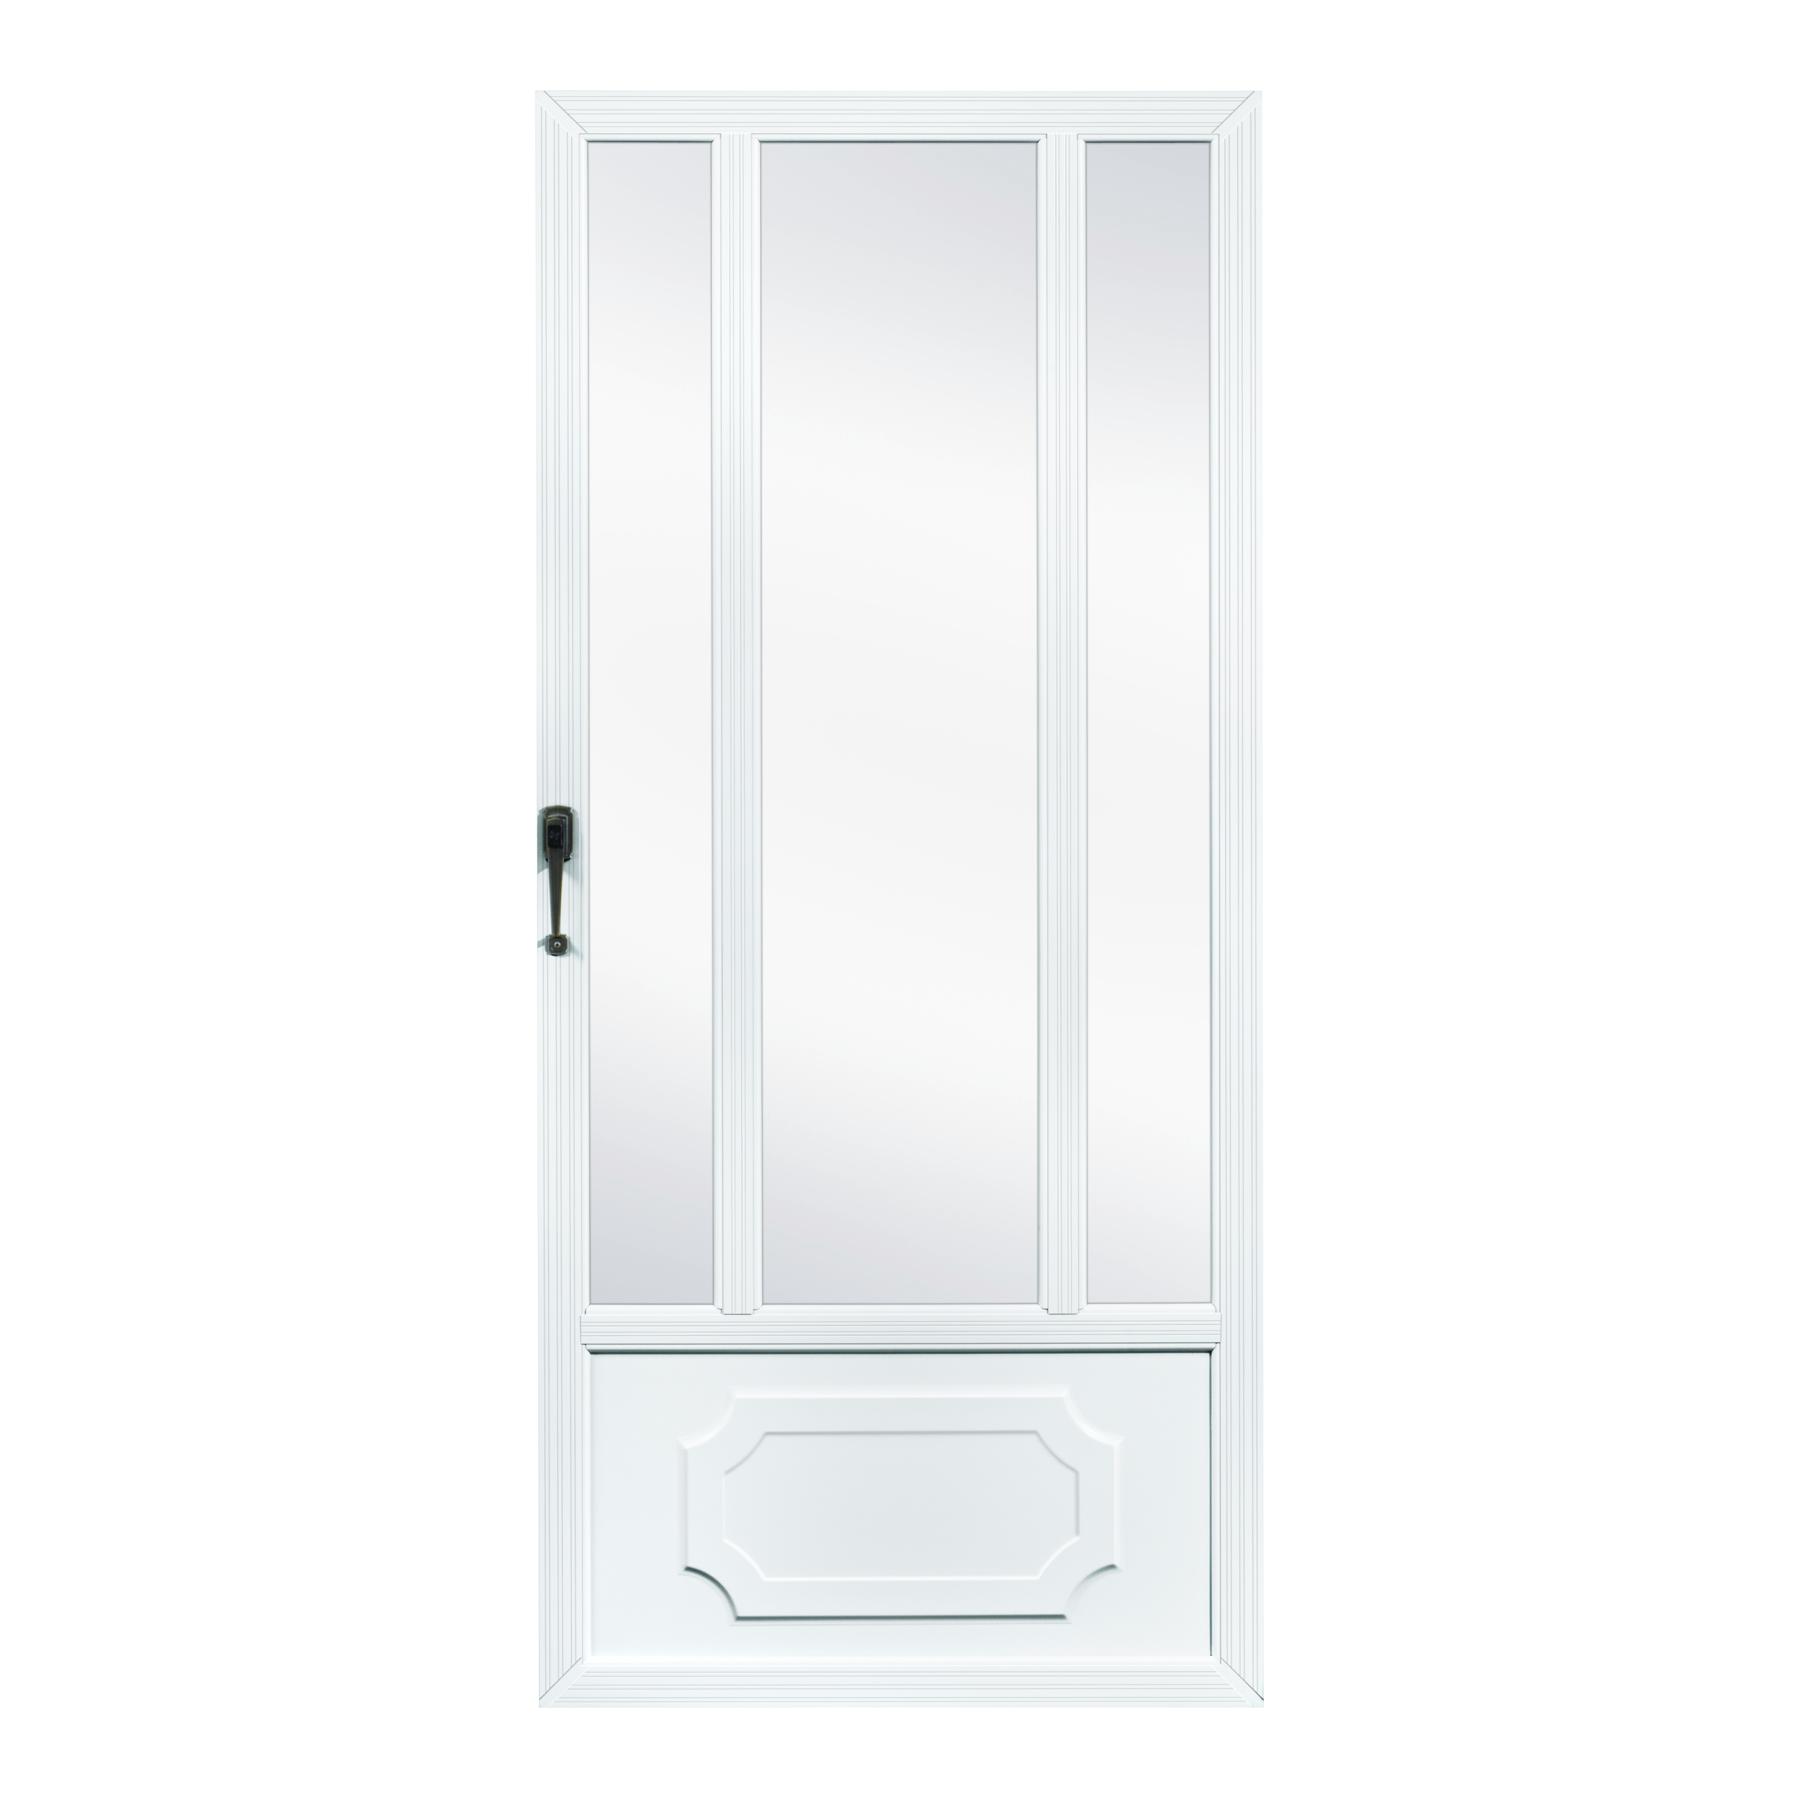 Fox weldoor model 320 custom storm door for Custom storm doors